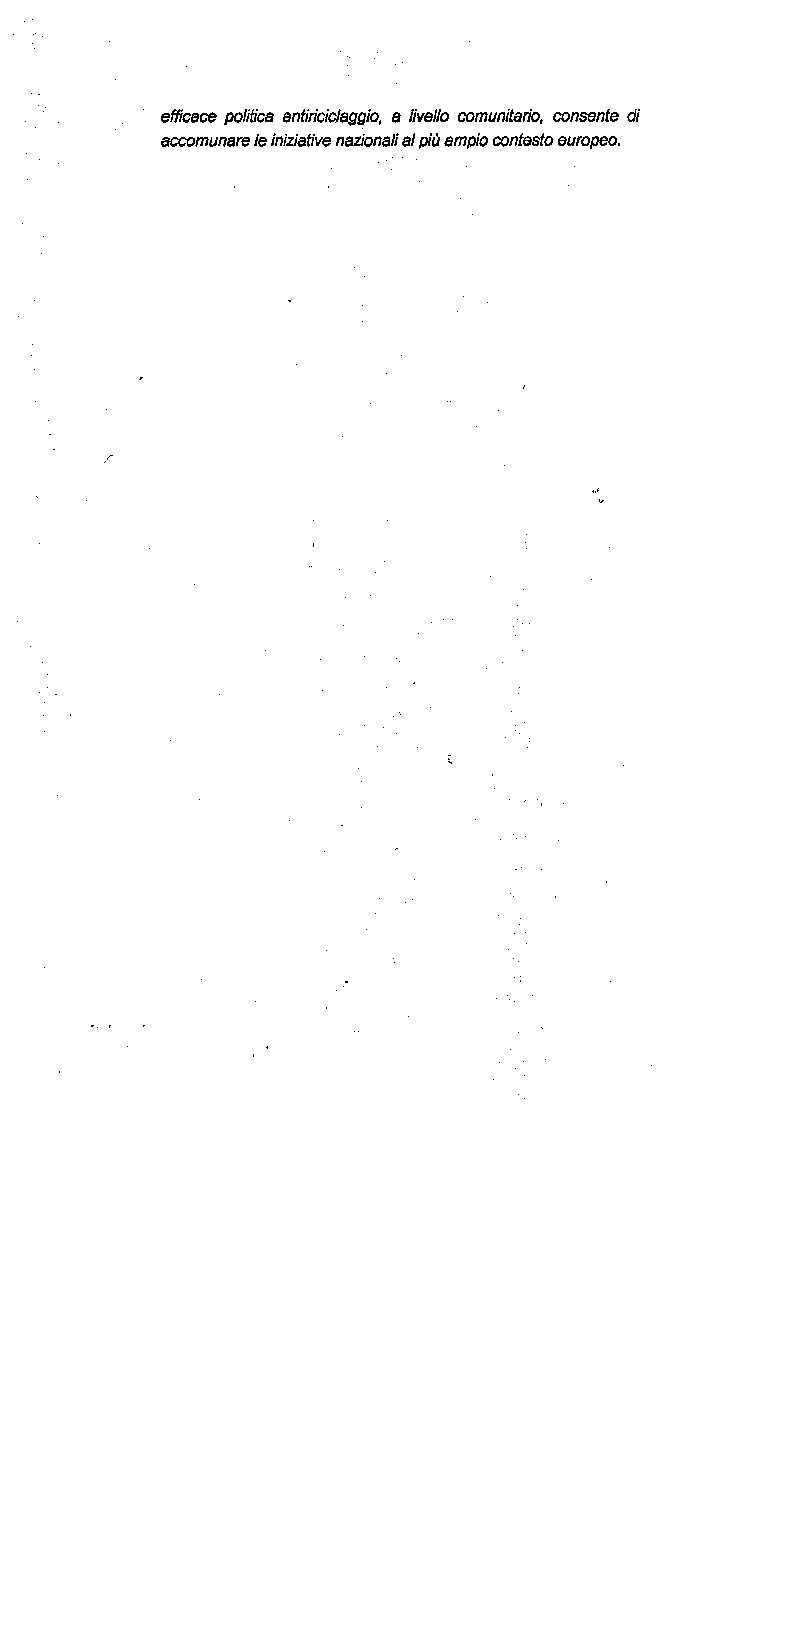 Anteprima della tesi: Il riciclaggio di proventi illeciti nel sistema finanziario contemporaneo, Pagina 9